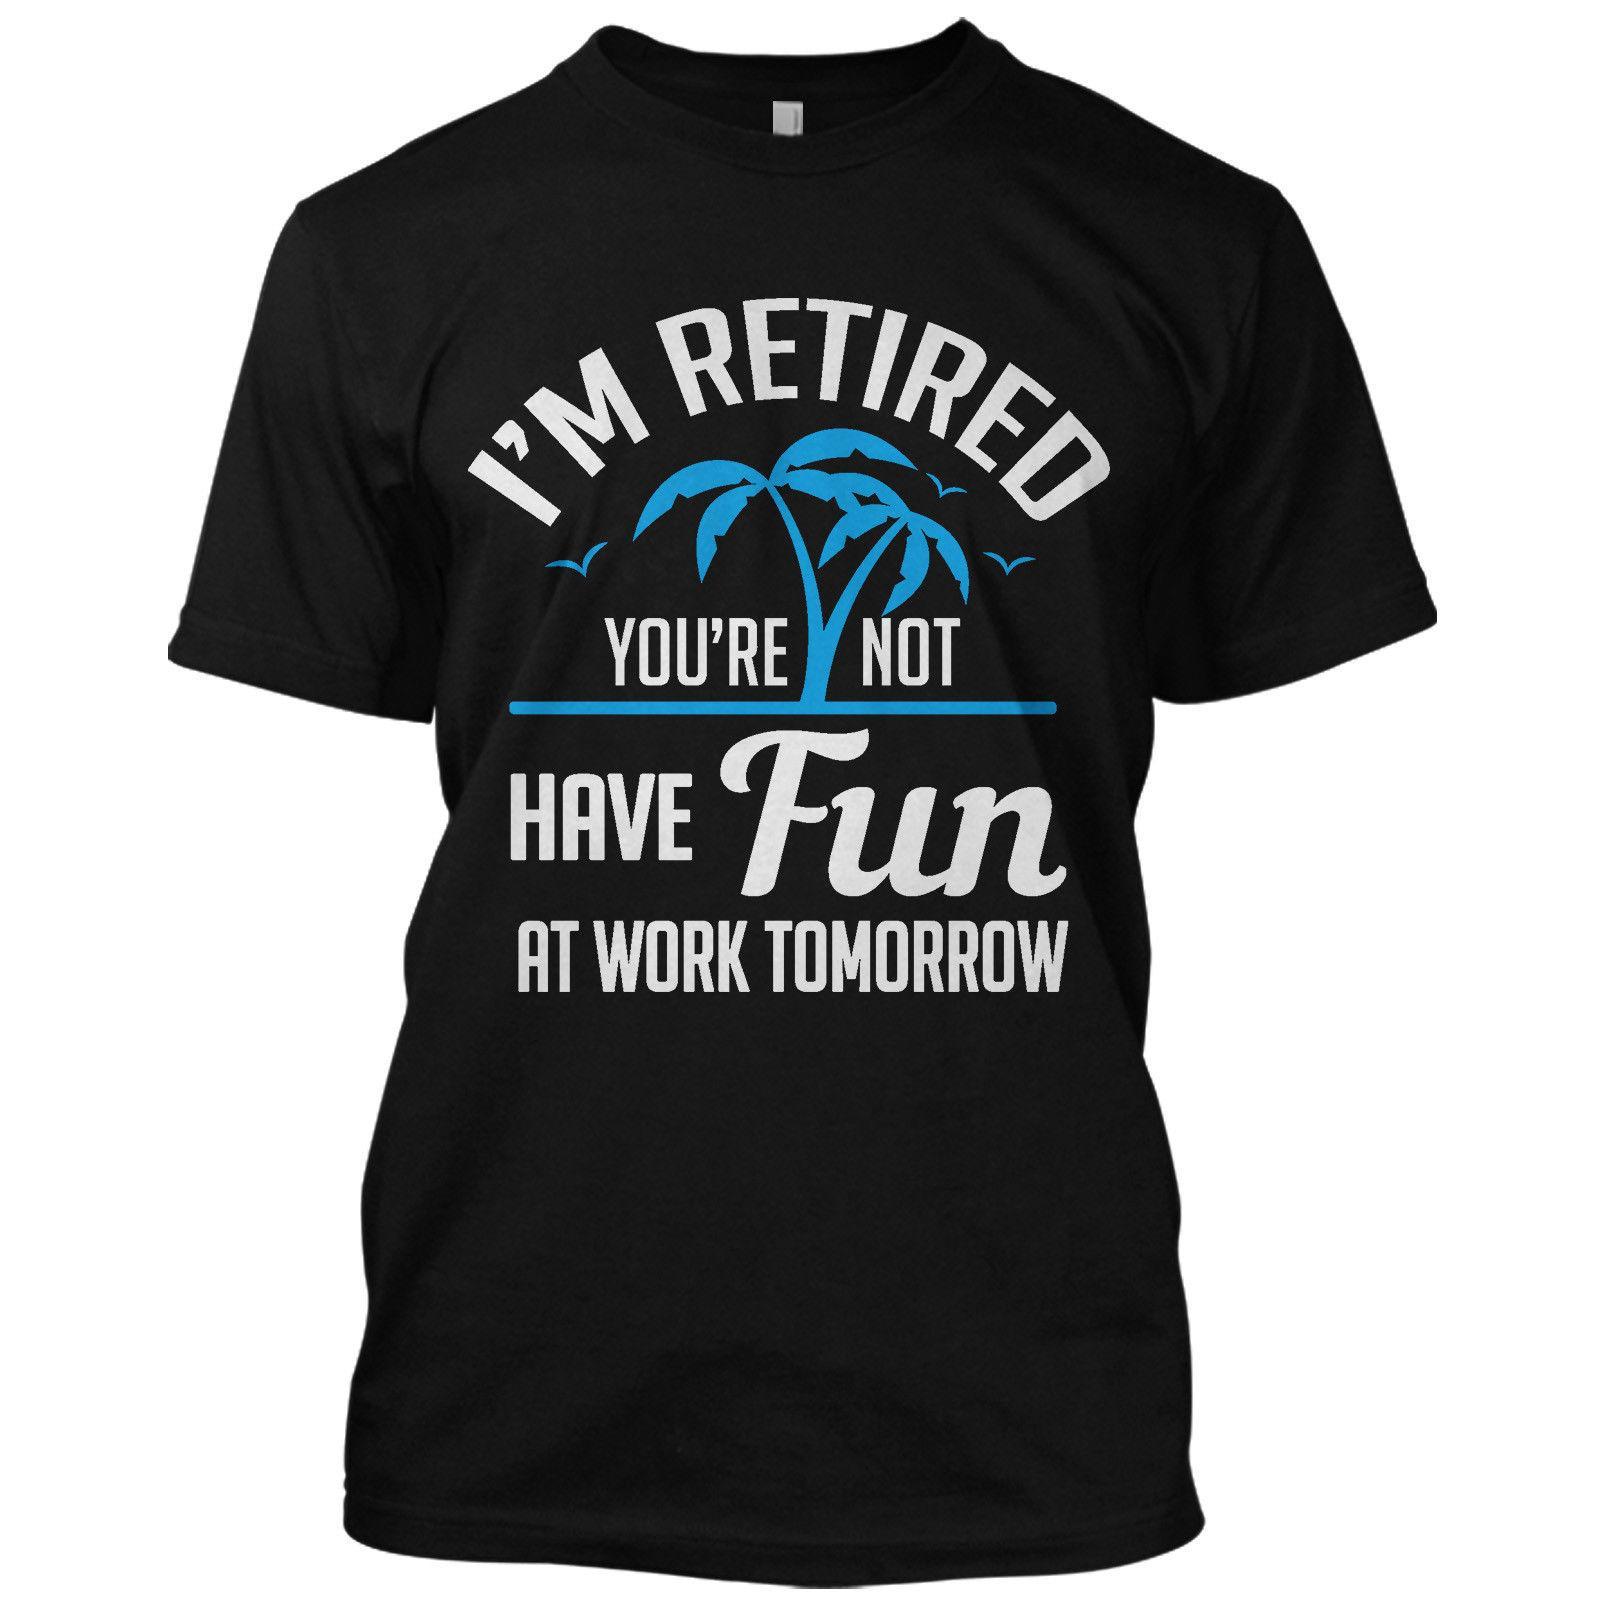 Erkek T Shirt Moda ben değilsin Have Fun At Work Yarın Komik Tişörtlü Emekli Tee% 100 Pamuk Tee Gömlek Emekli ediyorum